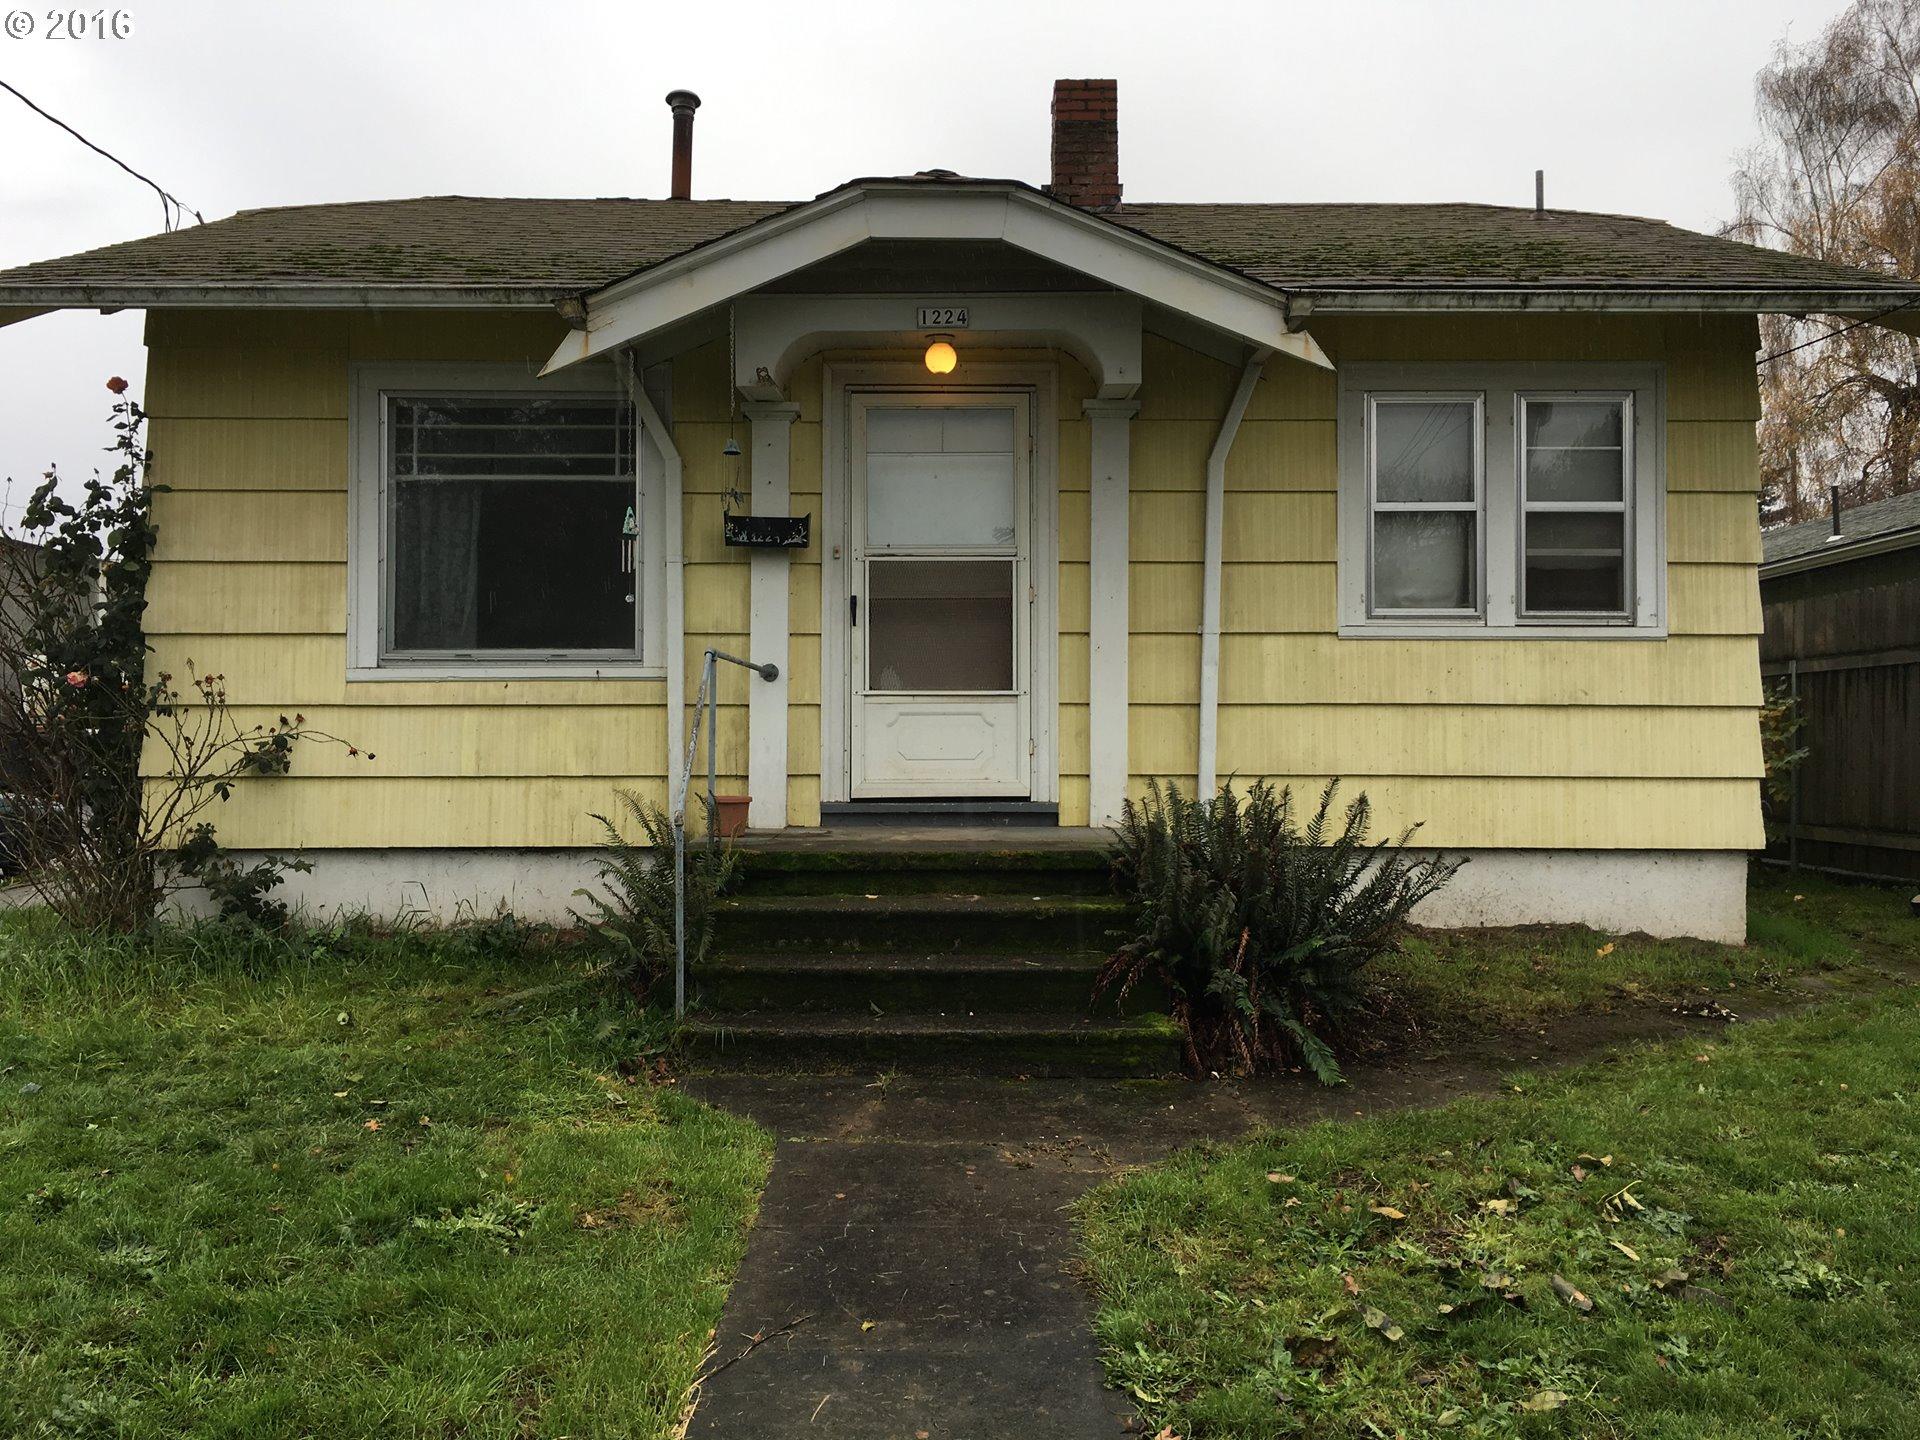 1224 N WINCHELL ST, Portland, OR 97217